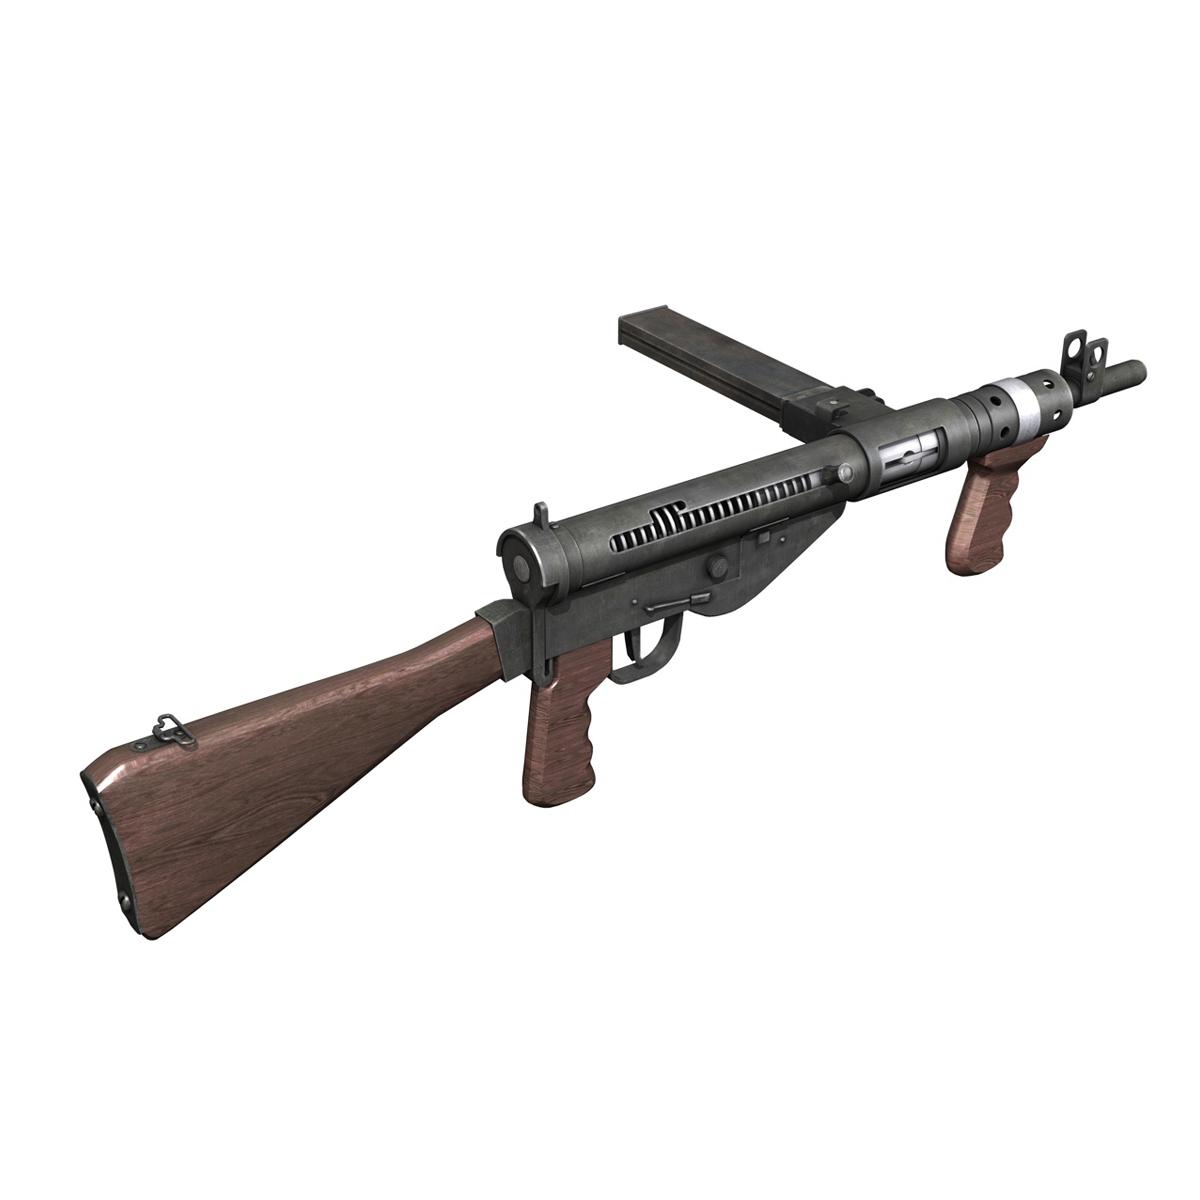 sten mk.v submachine gun 3d model 3ds fbx c4d lwo obj 195126